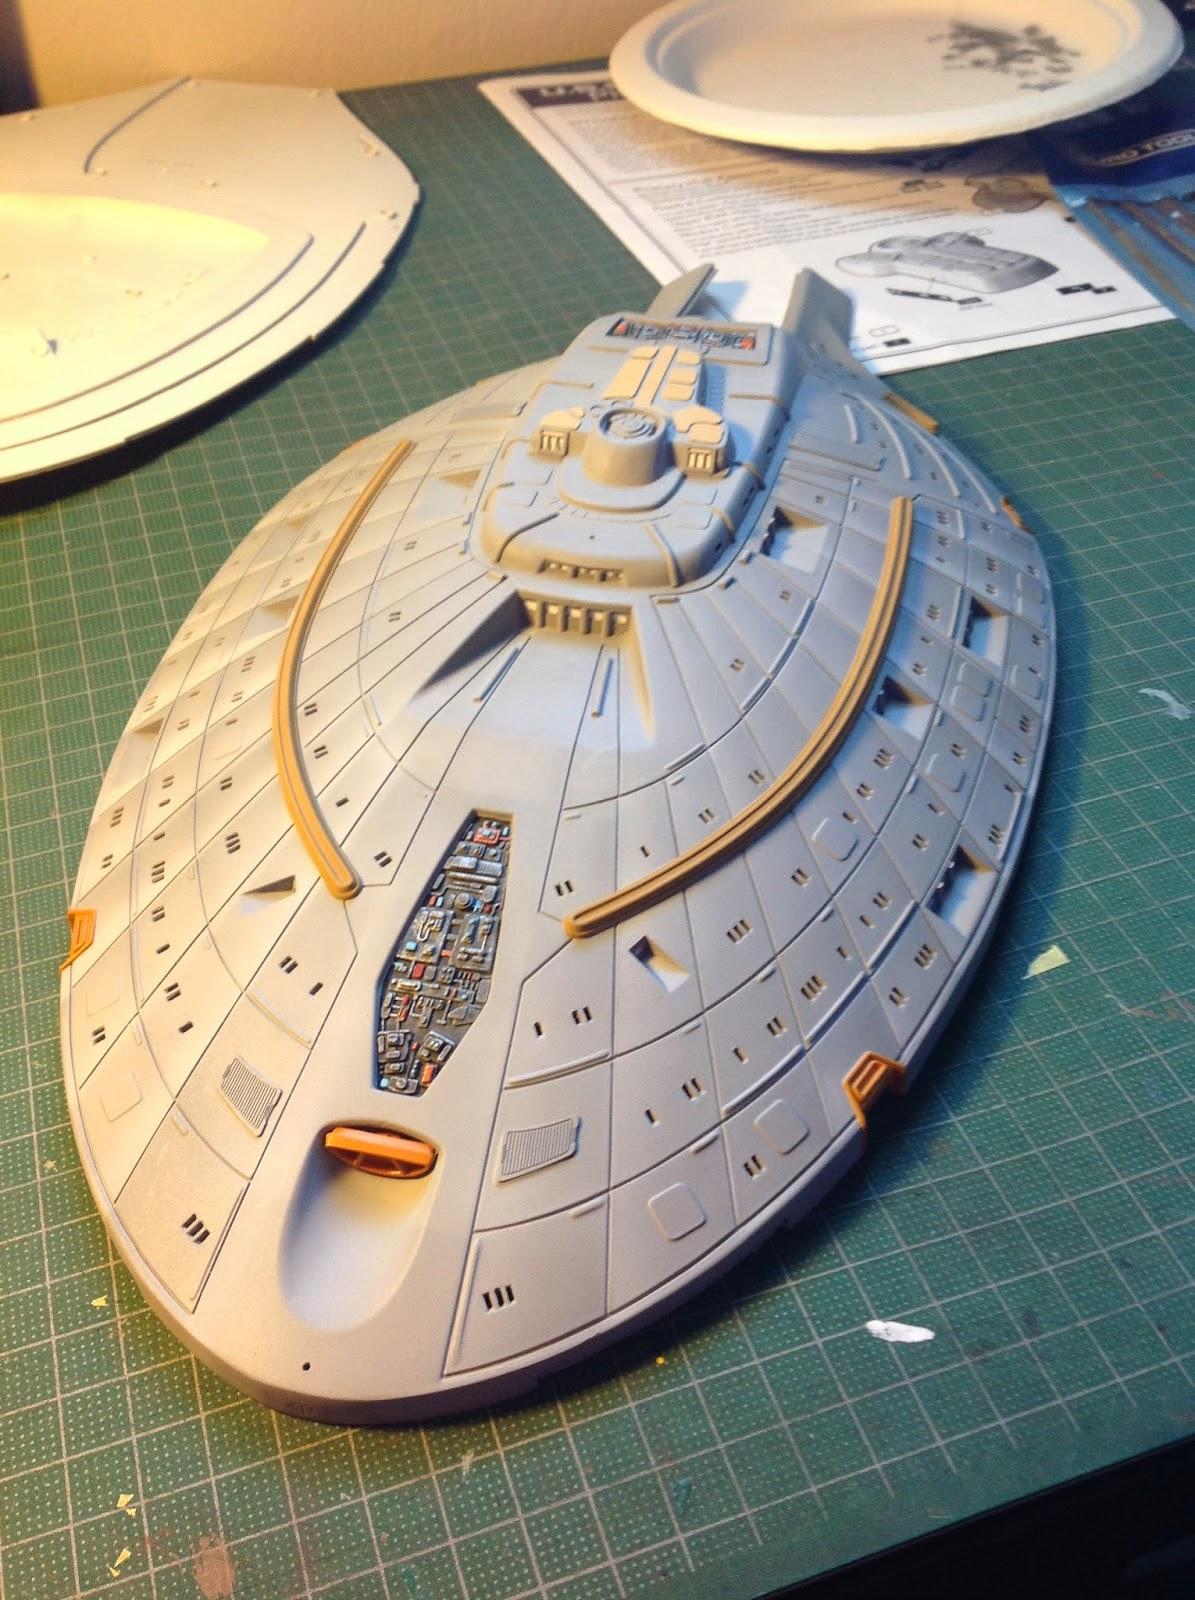 Star Trek, Voyager, Scale model, Revell, Plastic Model, r